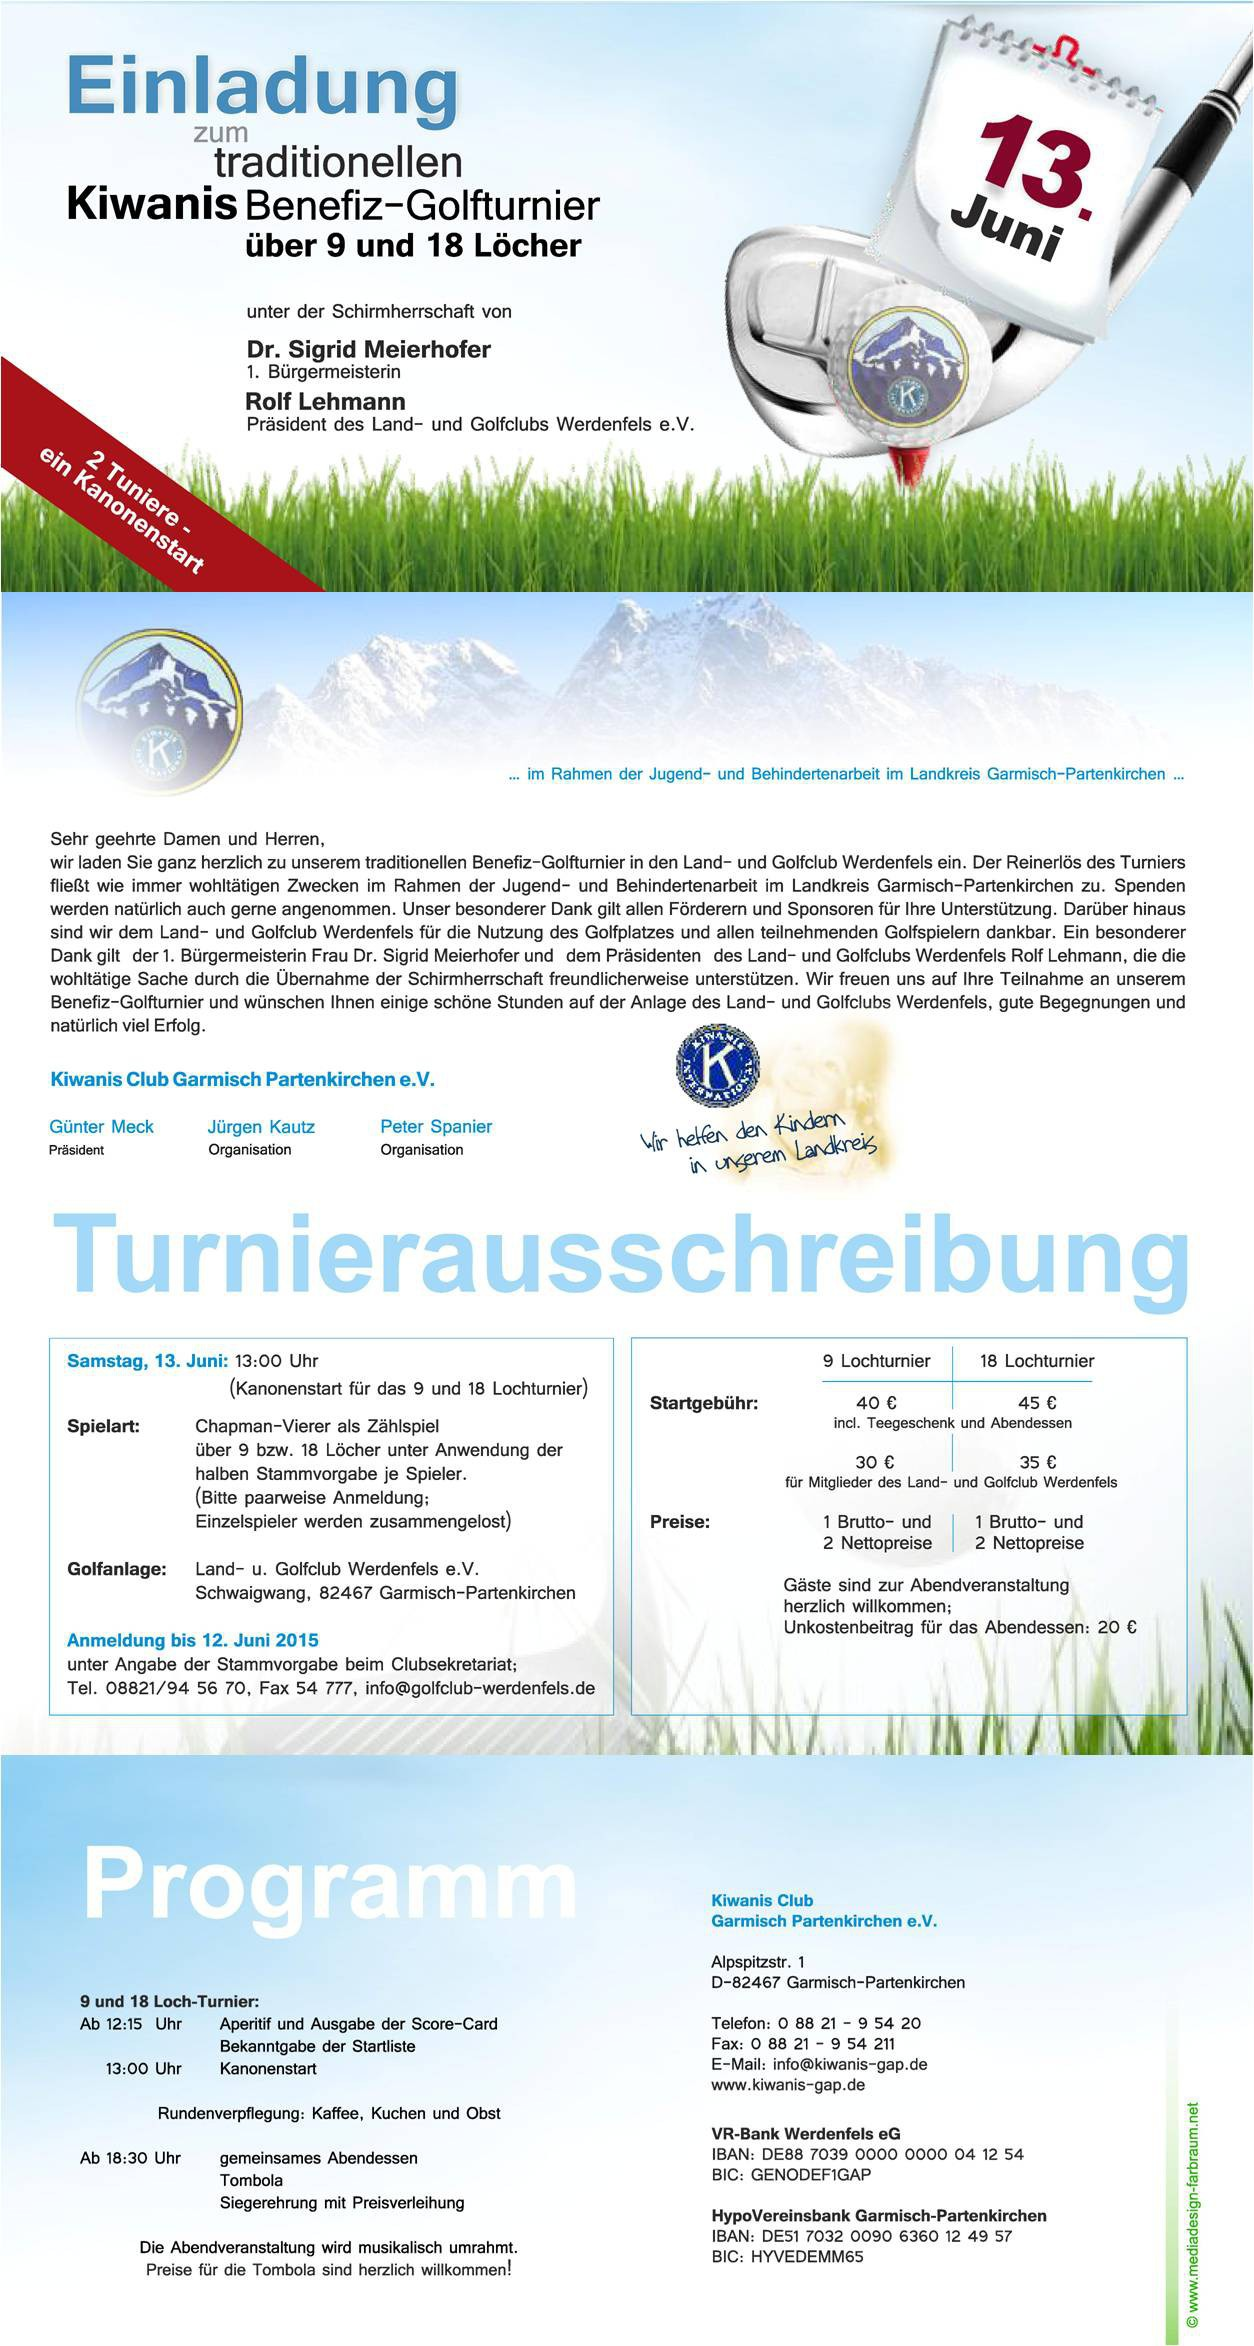 Einladung Golf 2015 Tunierausschreibung